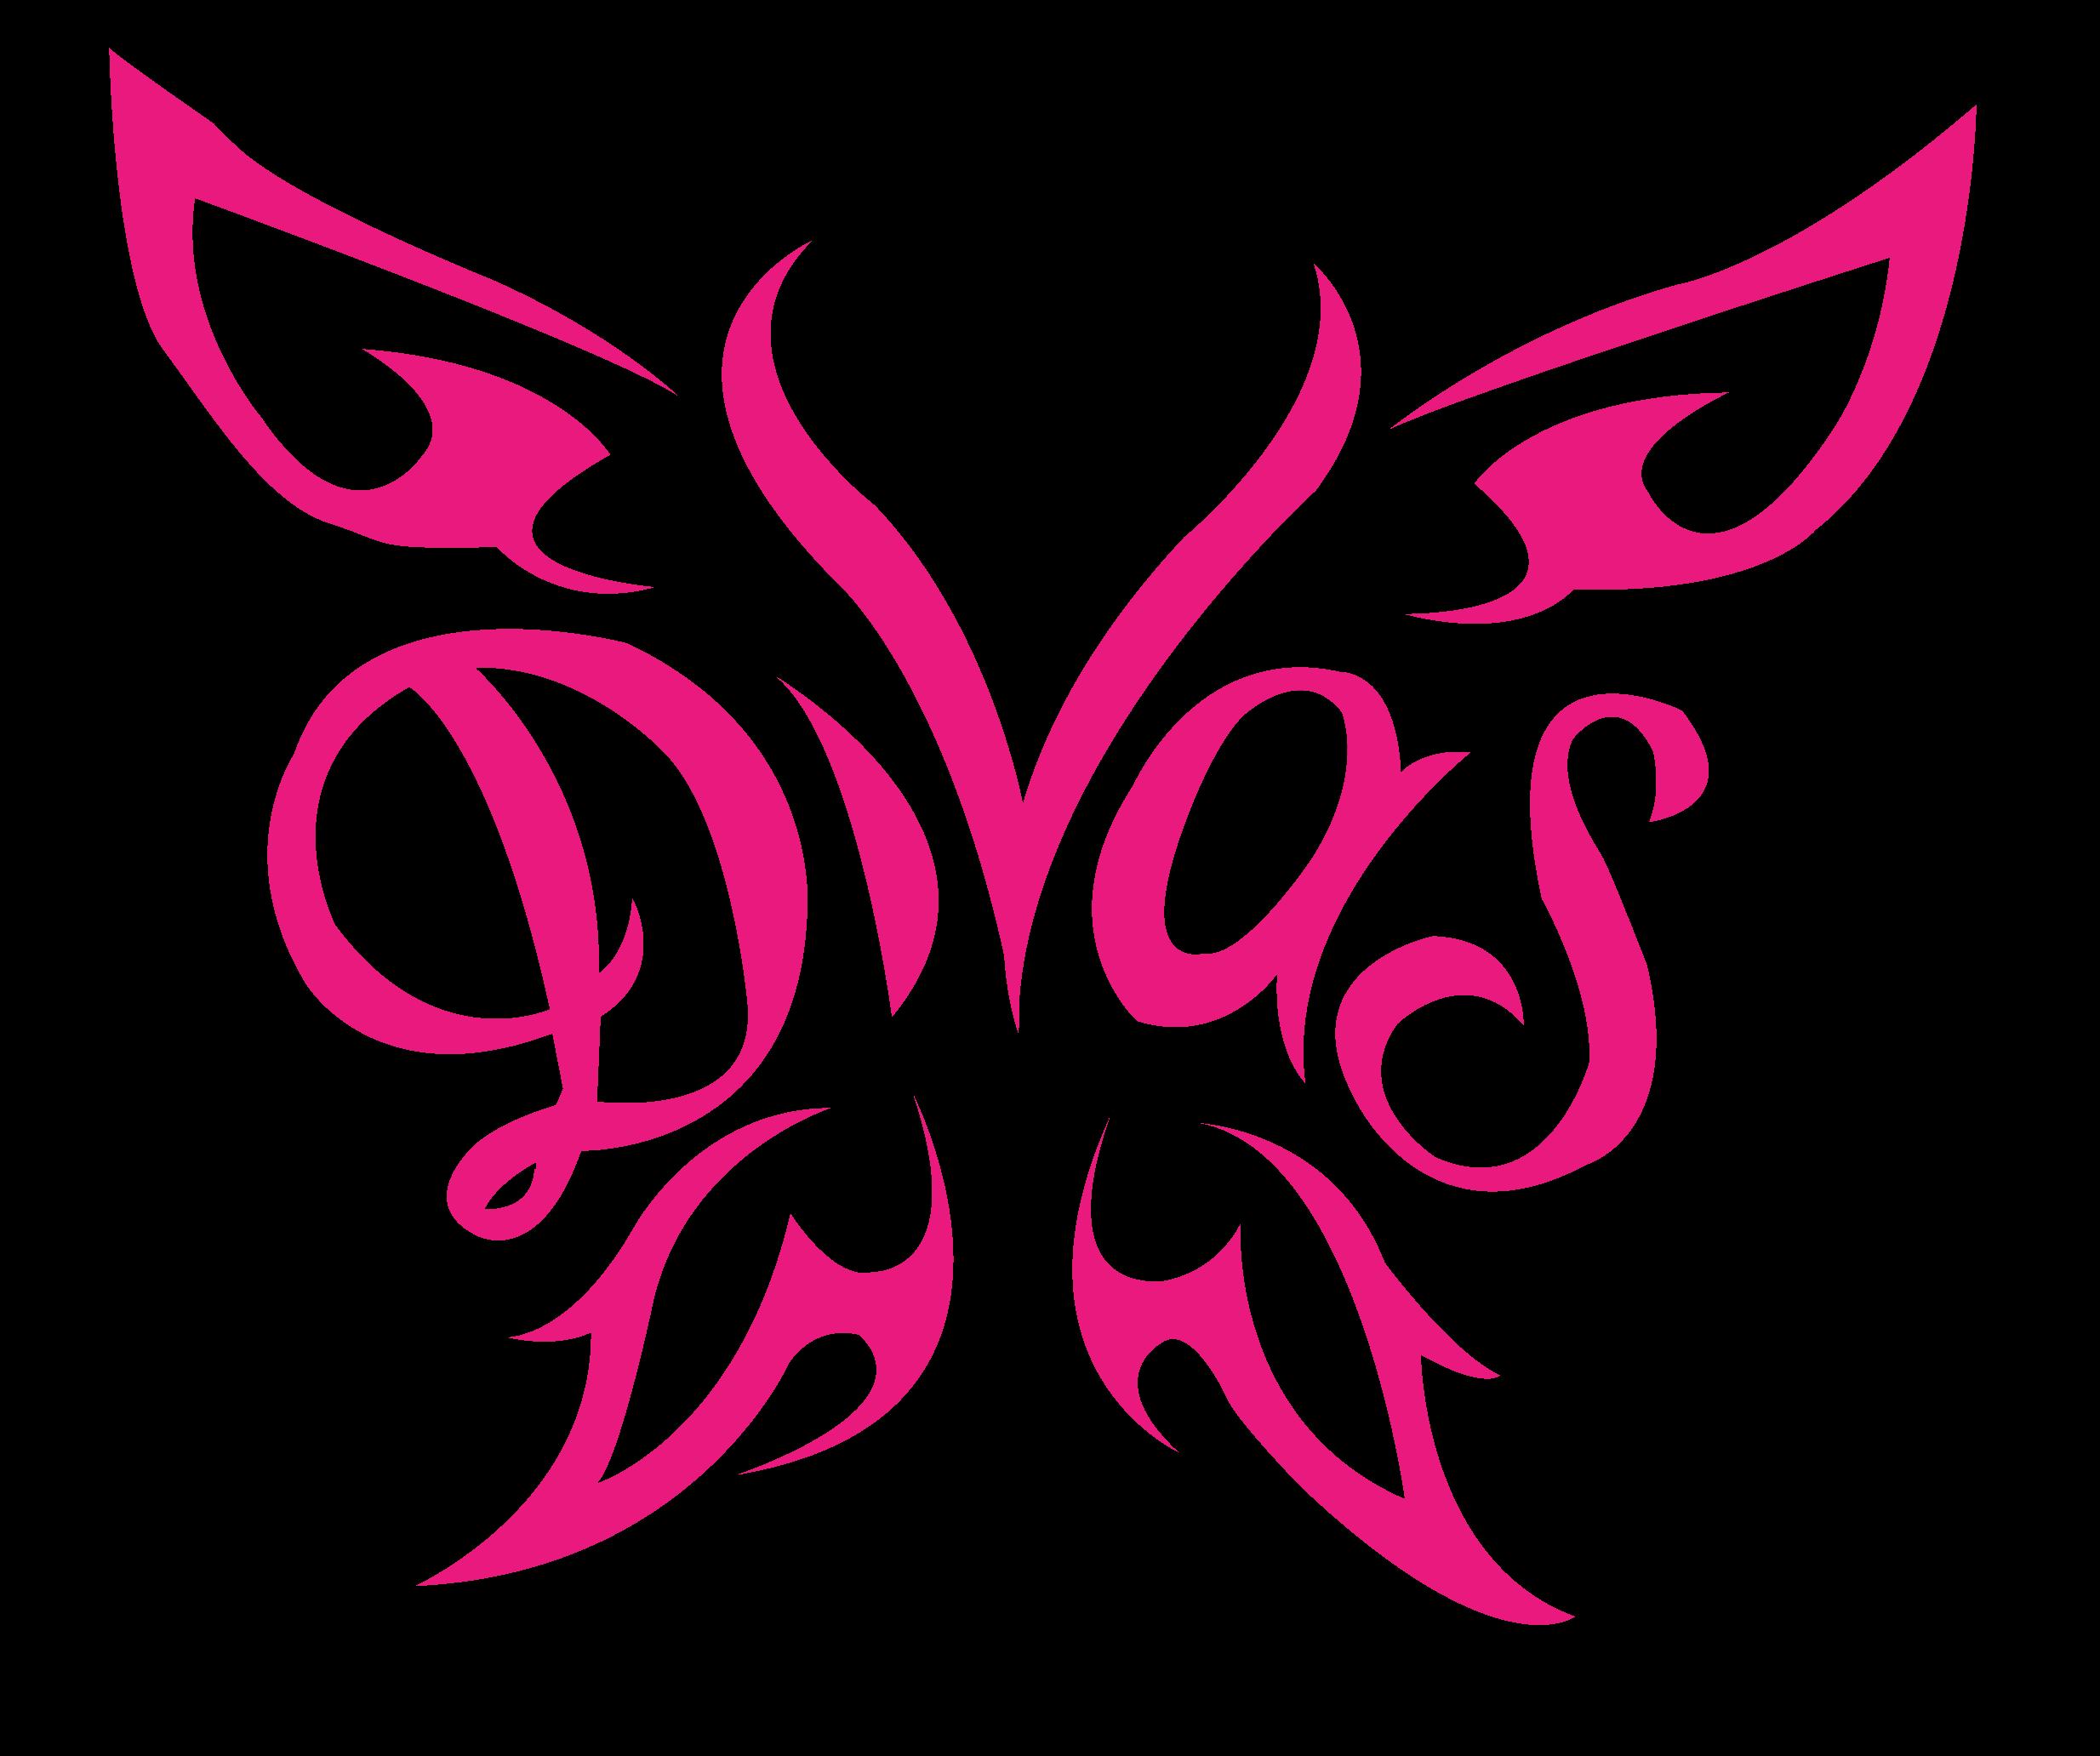 wwe divas logo WWE Pinterest WWE Divas and Diva